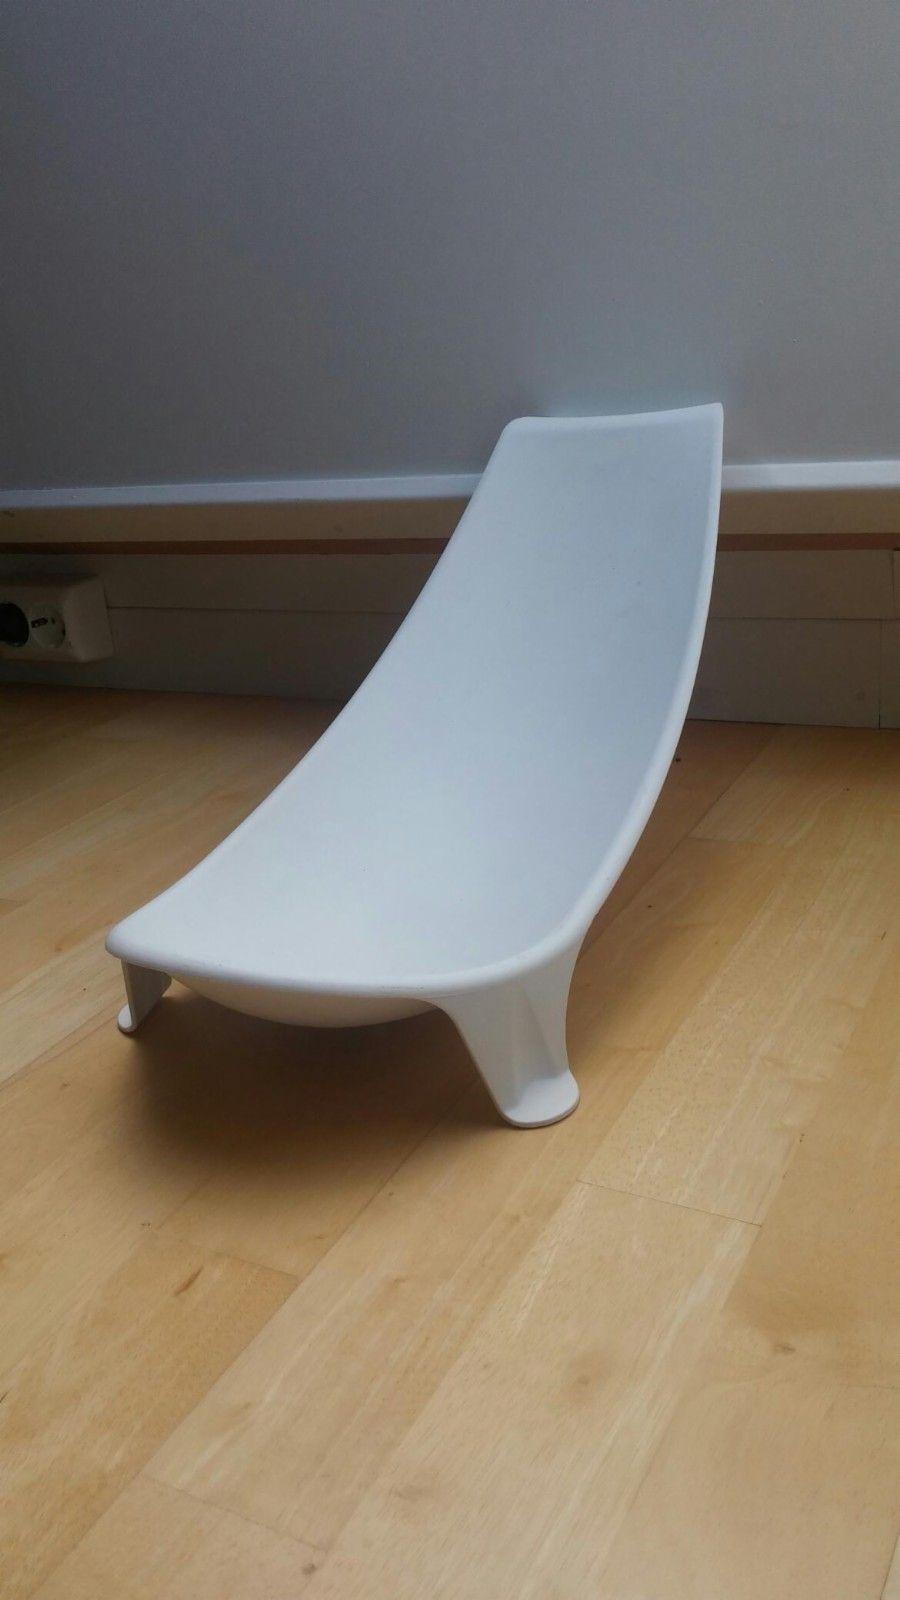 Stokke flexi Bath nyfødt støtte - Konsmo  - Lite brukt nyfødt støtte til Stokke flexi Bath. Fungerer veldig greit når barnet er lite og ikke kan sitte selv. - Konsmo